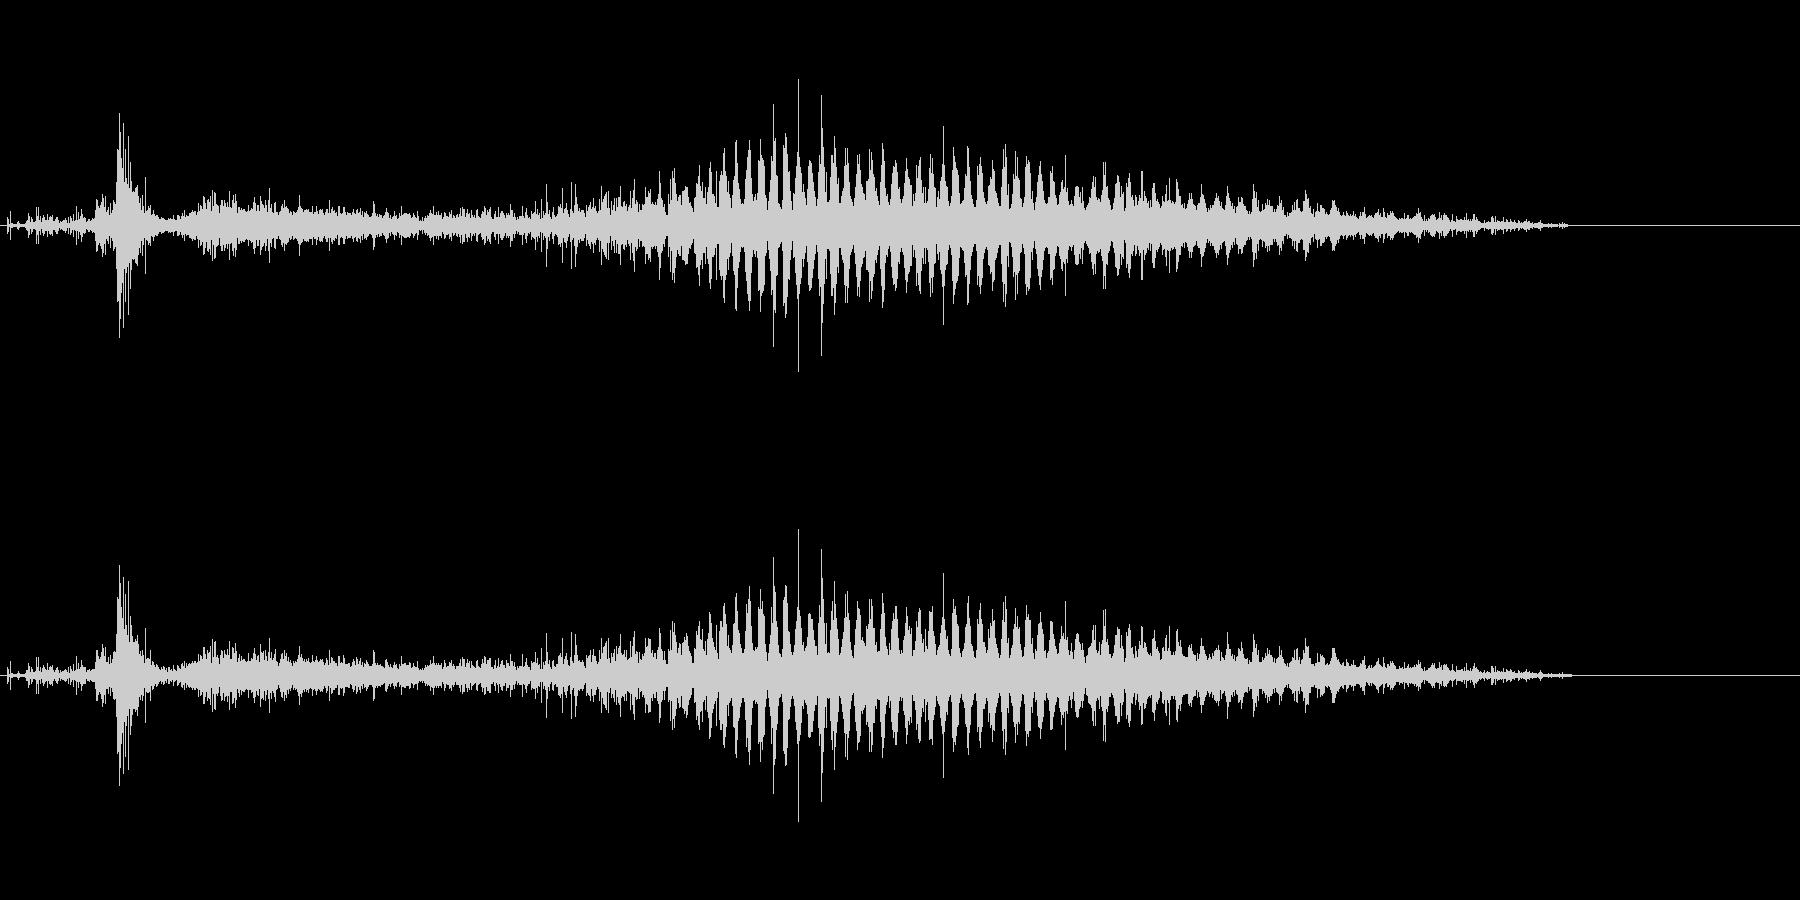 「シャラ〜」レインシェーカー水音リバーブの未再生の波形